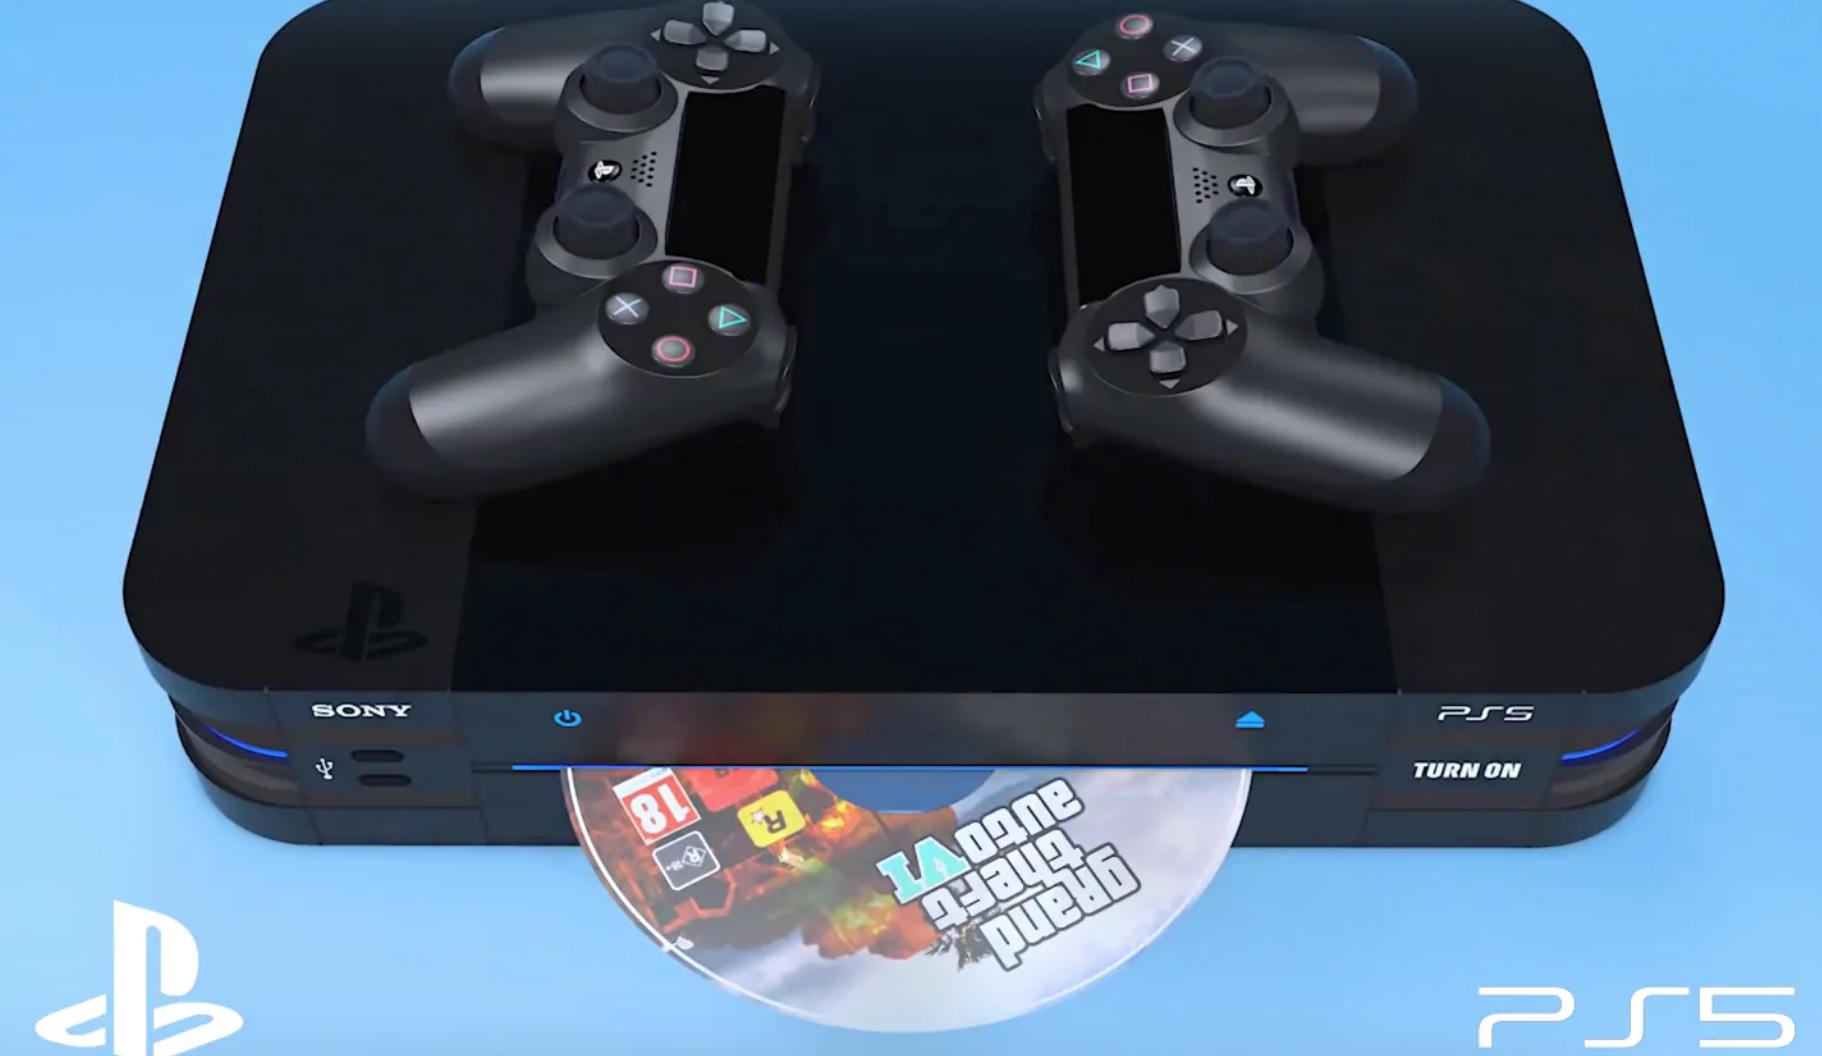 Playstation 5 prezzo: riuscirà Sony a tenerlo basso? thumbnail